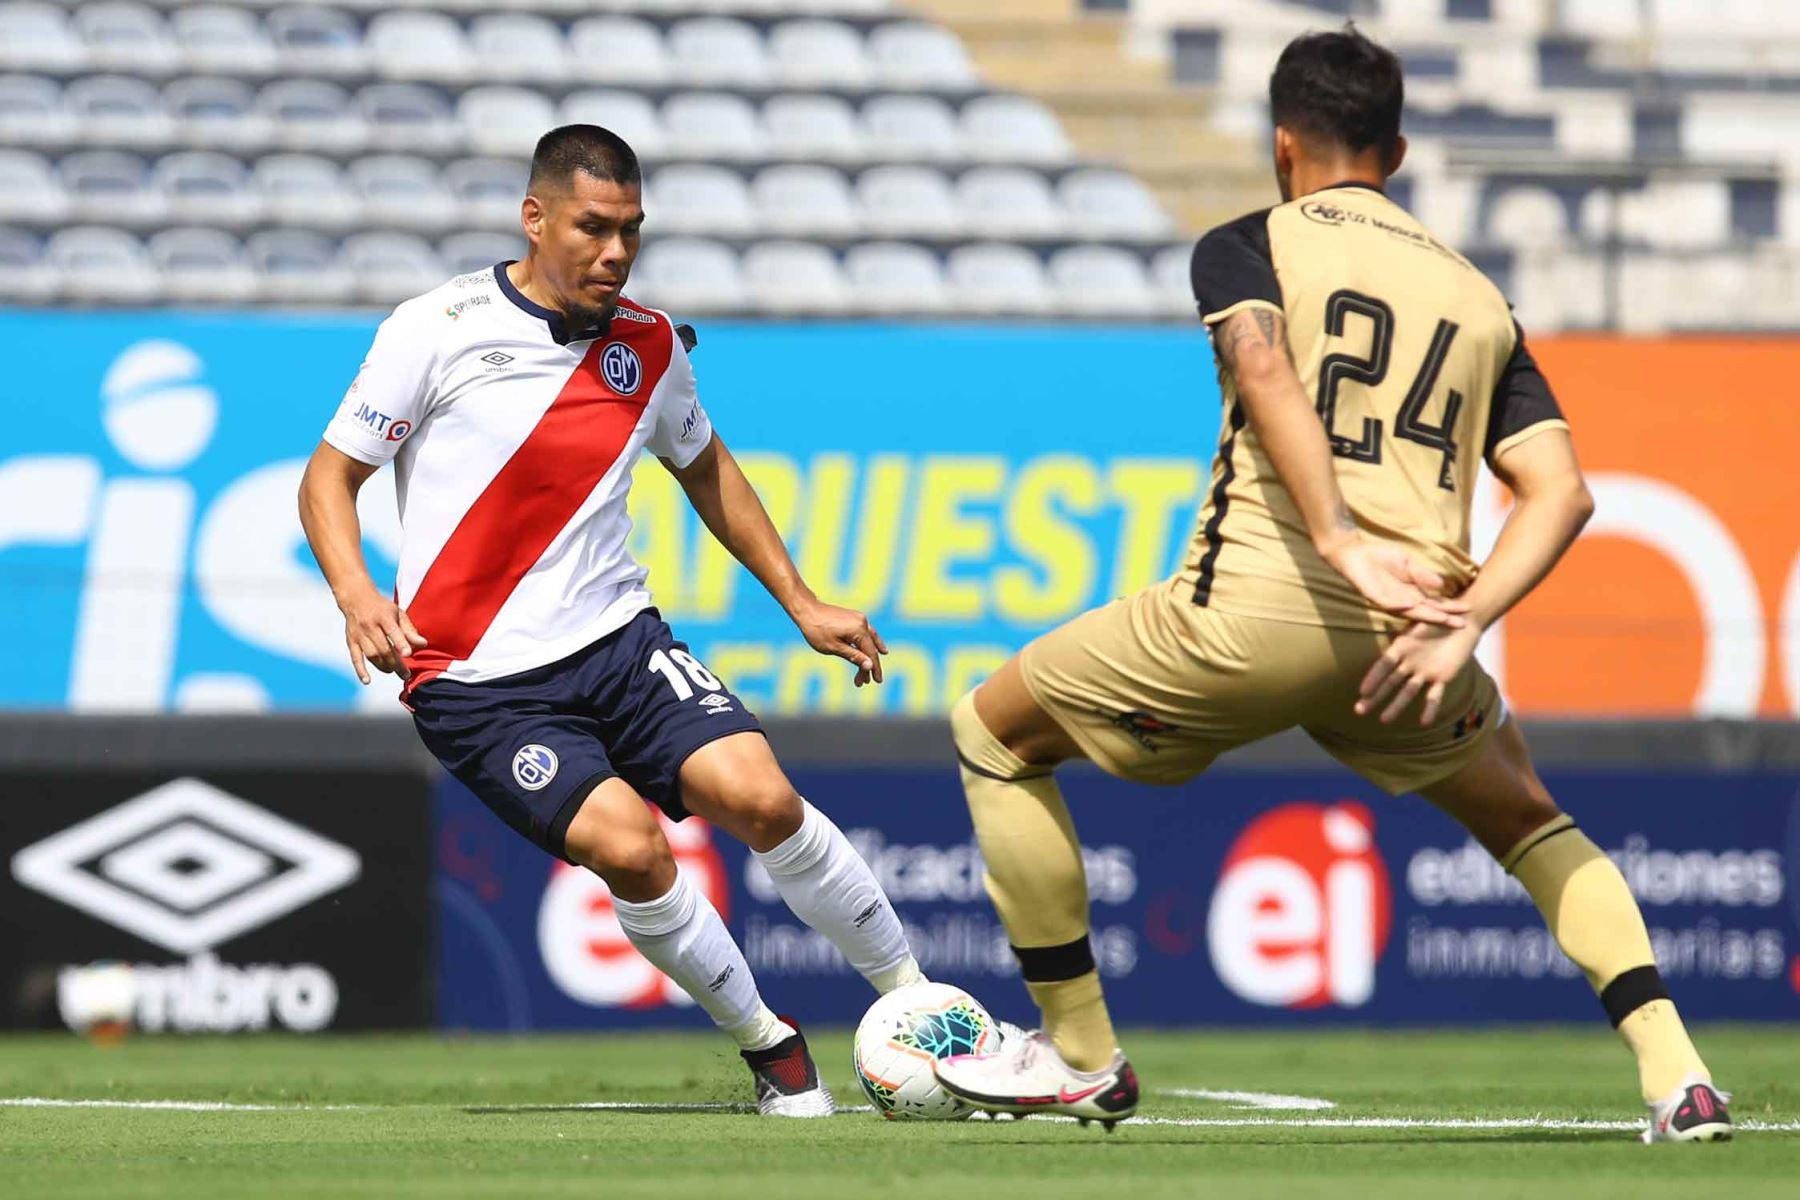 H.Rengifo de D. Municipal  disputa  el balón ante el jugador de  F.C Cusco durante partido por la fecha 8 de la Liga 1, en el estadio Alejandro Villanueva. Foto: Liga 1